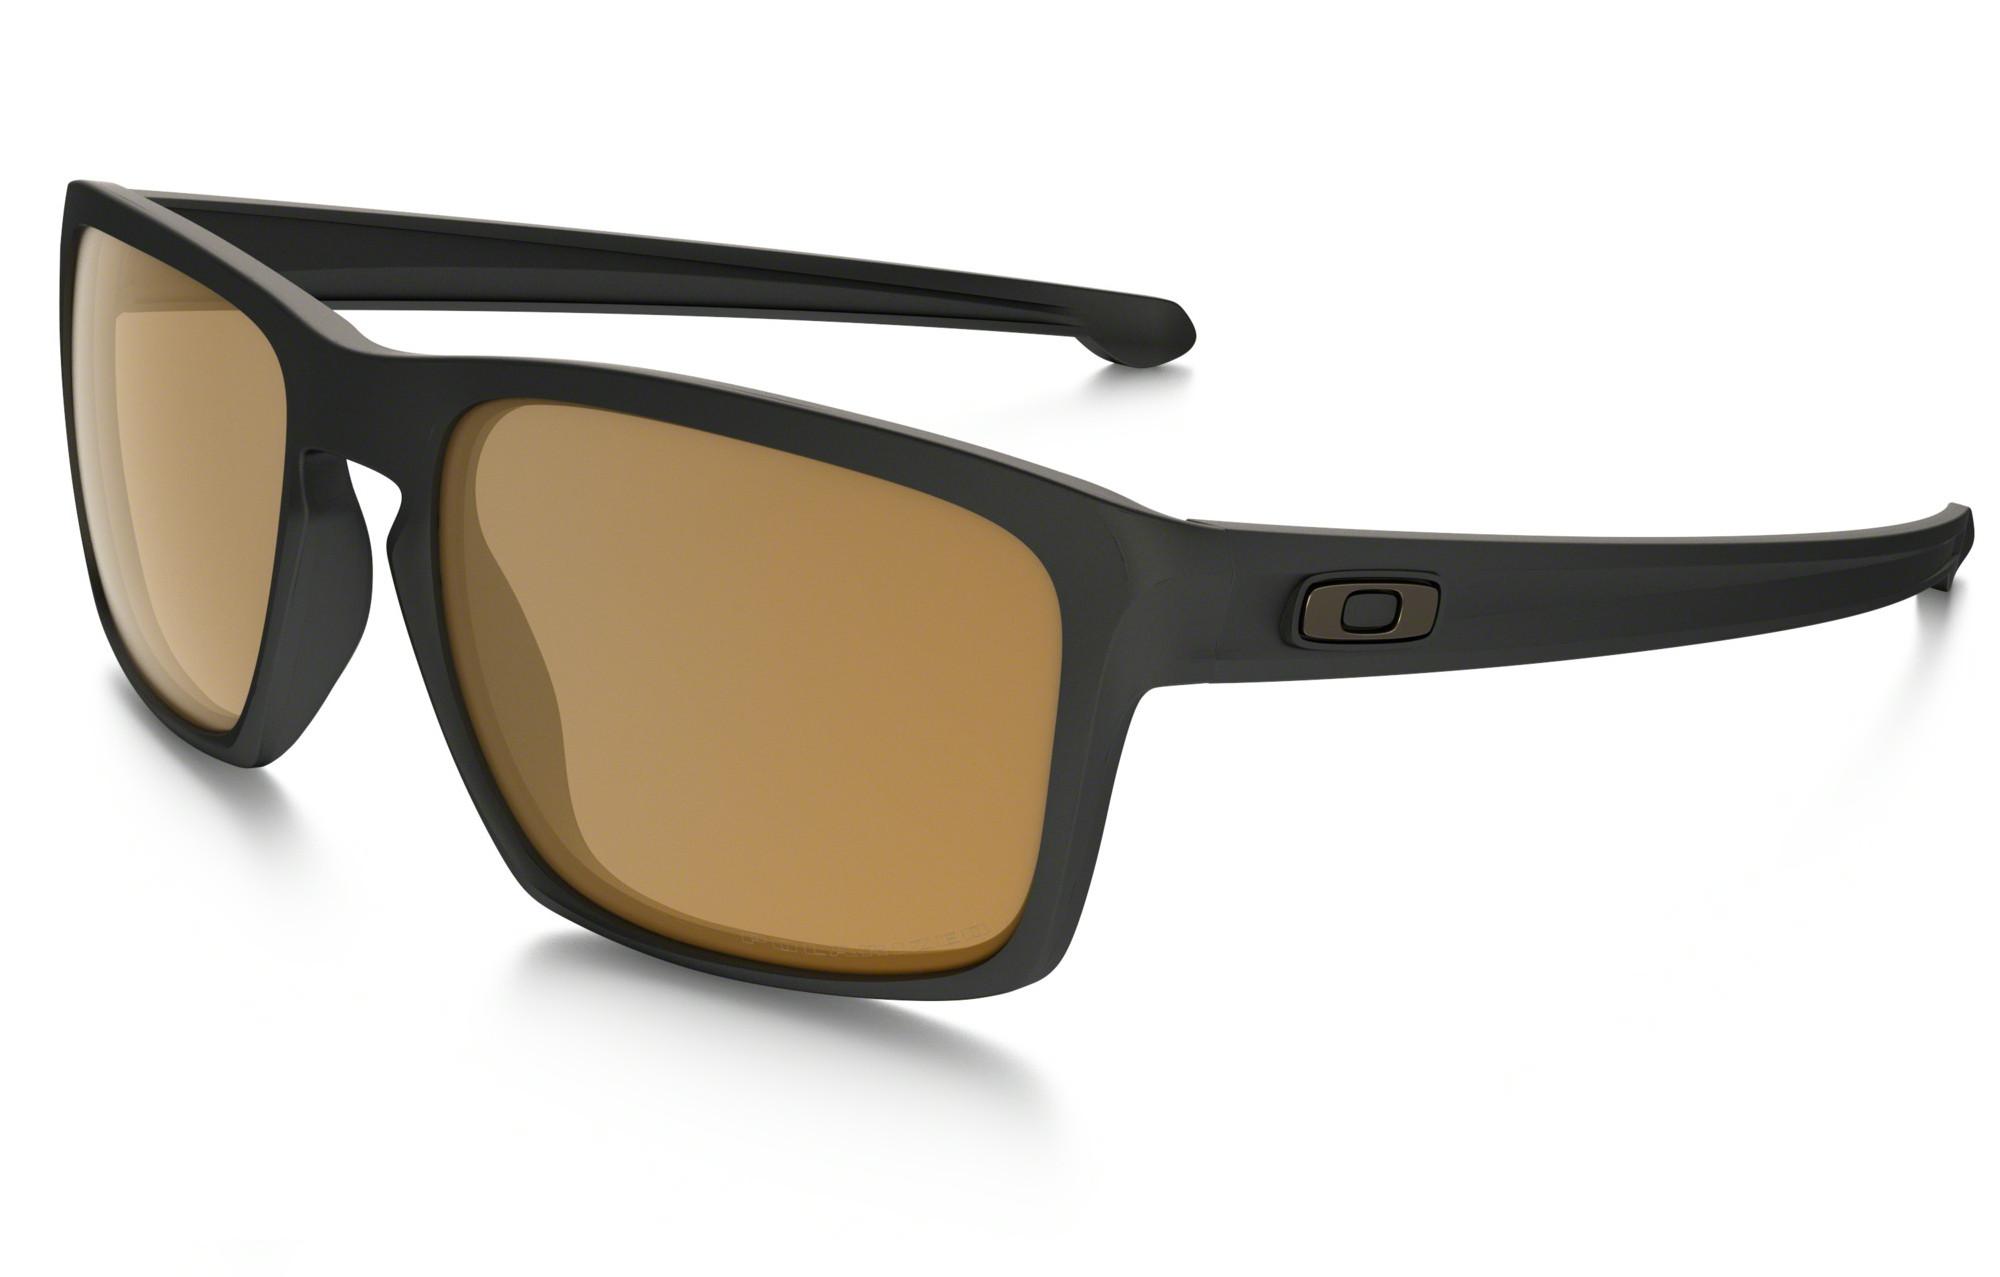 ff89e8458d OAKLEY Sunglasses SLIVER Matte Black Bronze Polarized Ref oo9262-08 ...